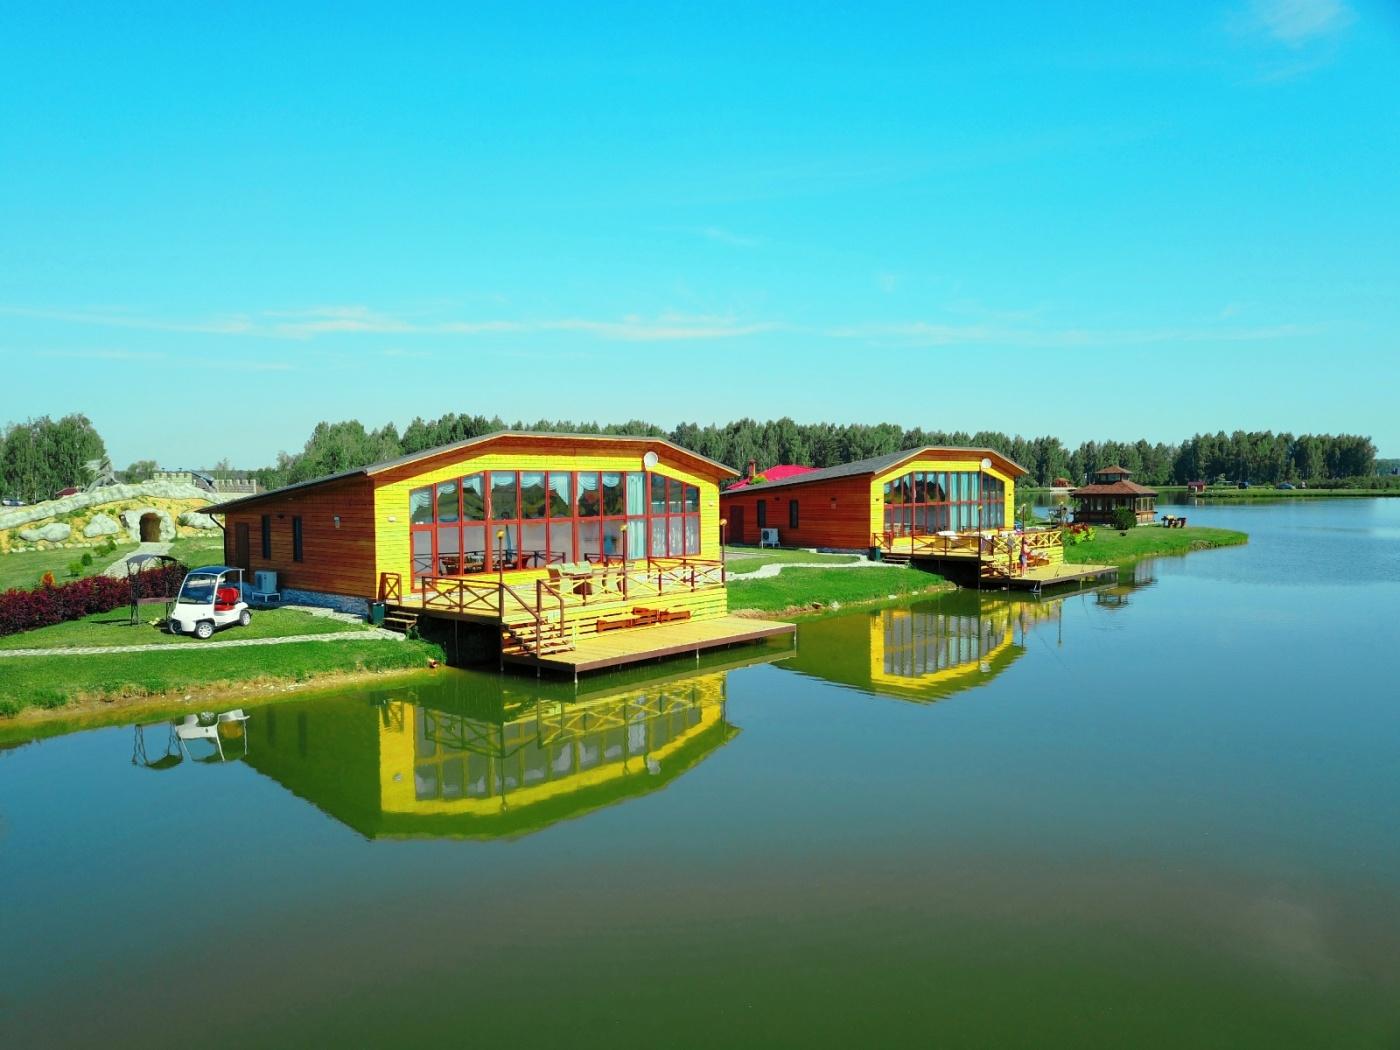 Рыболовная база «Ихтиолог» Московская область Групповой заезд, фото 3